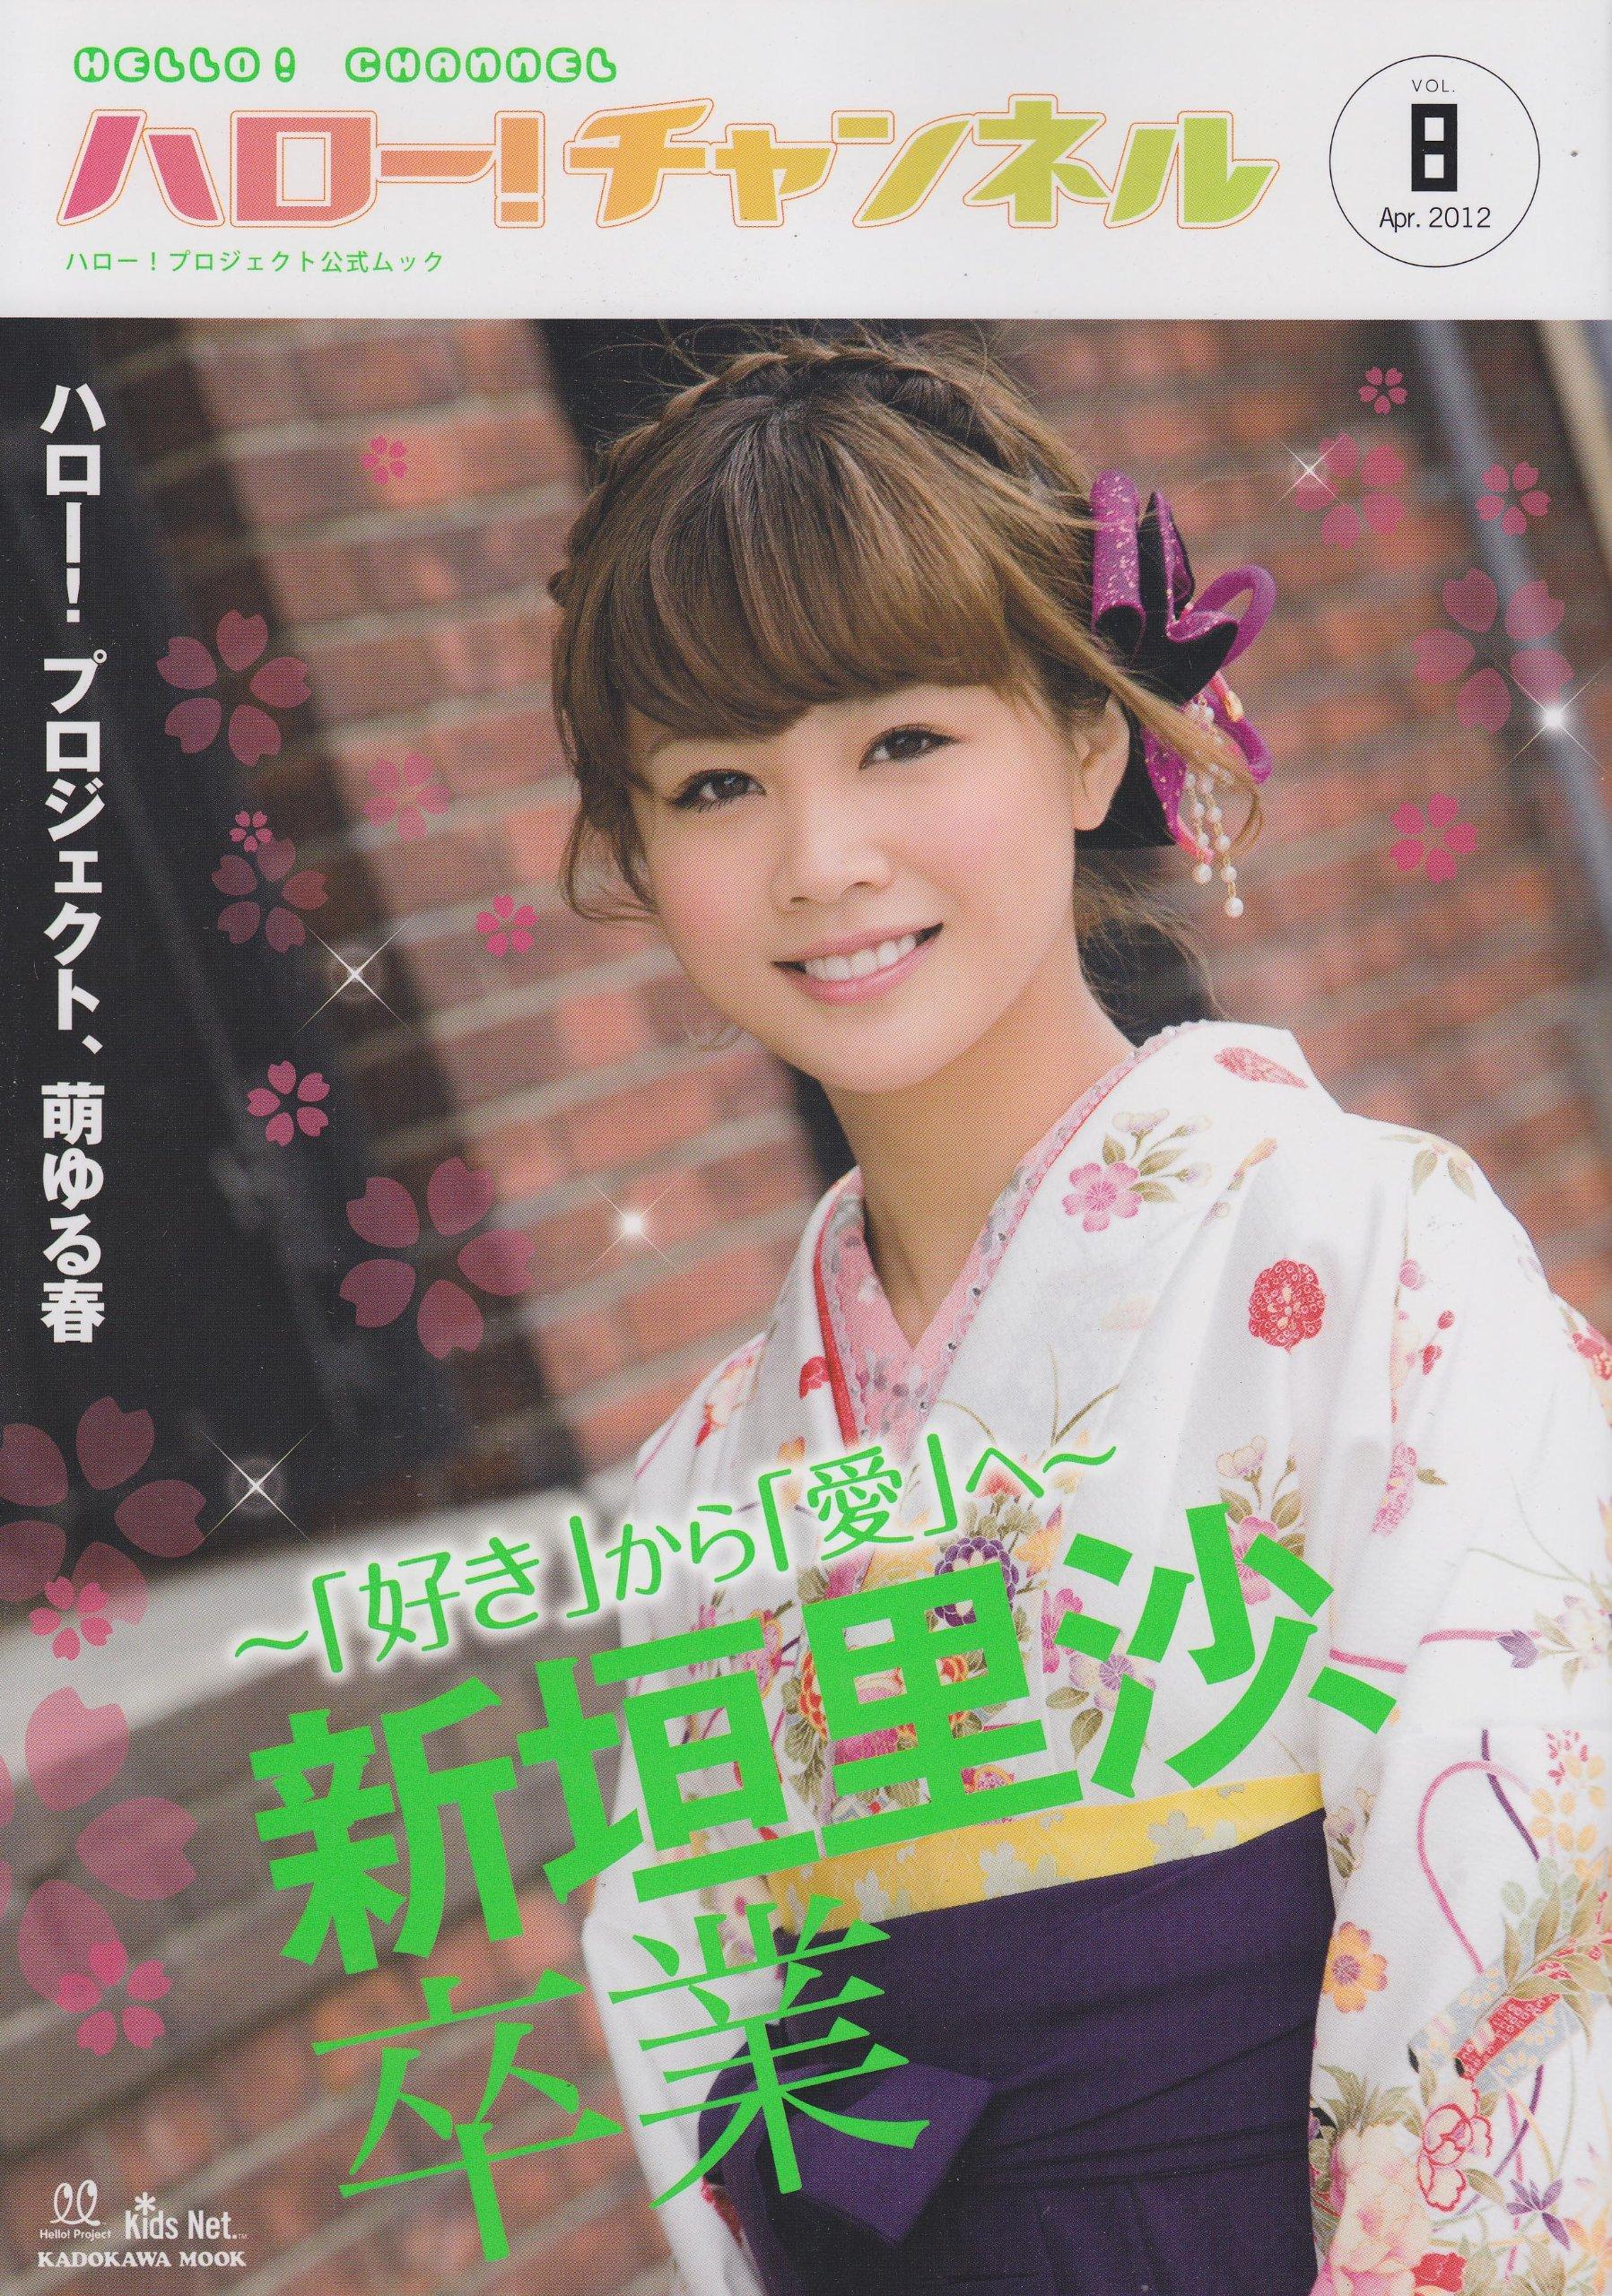 """4c373141e MoÌ""""ningumusume beriÌ""""zu koÌ""""boÌ"""" kyuÌ""""to mano erina sumaireÌ""""ji. (Japanese)  Mook – 1 Apr 2012"""